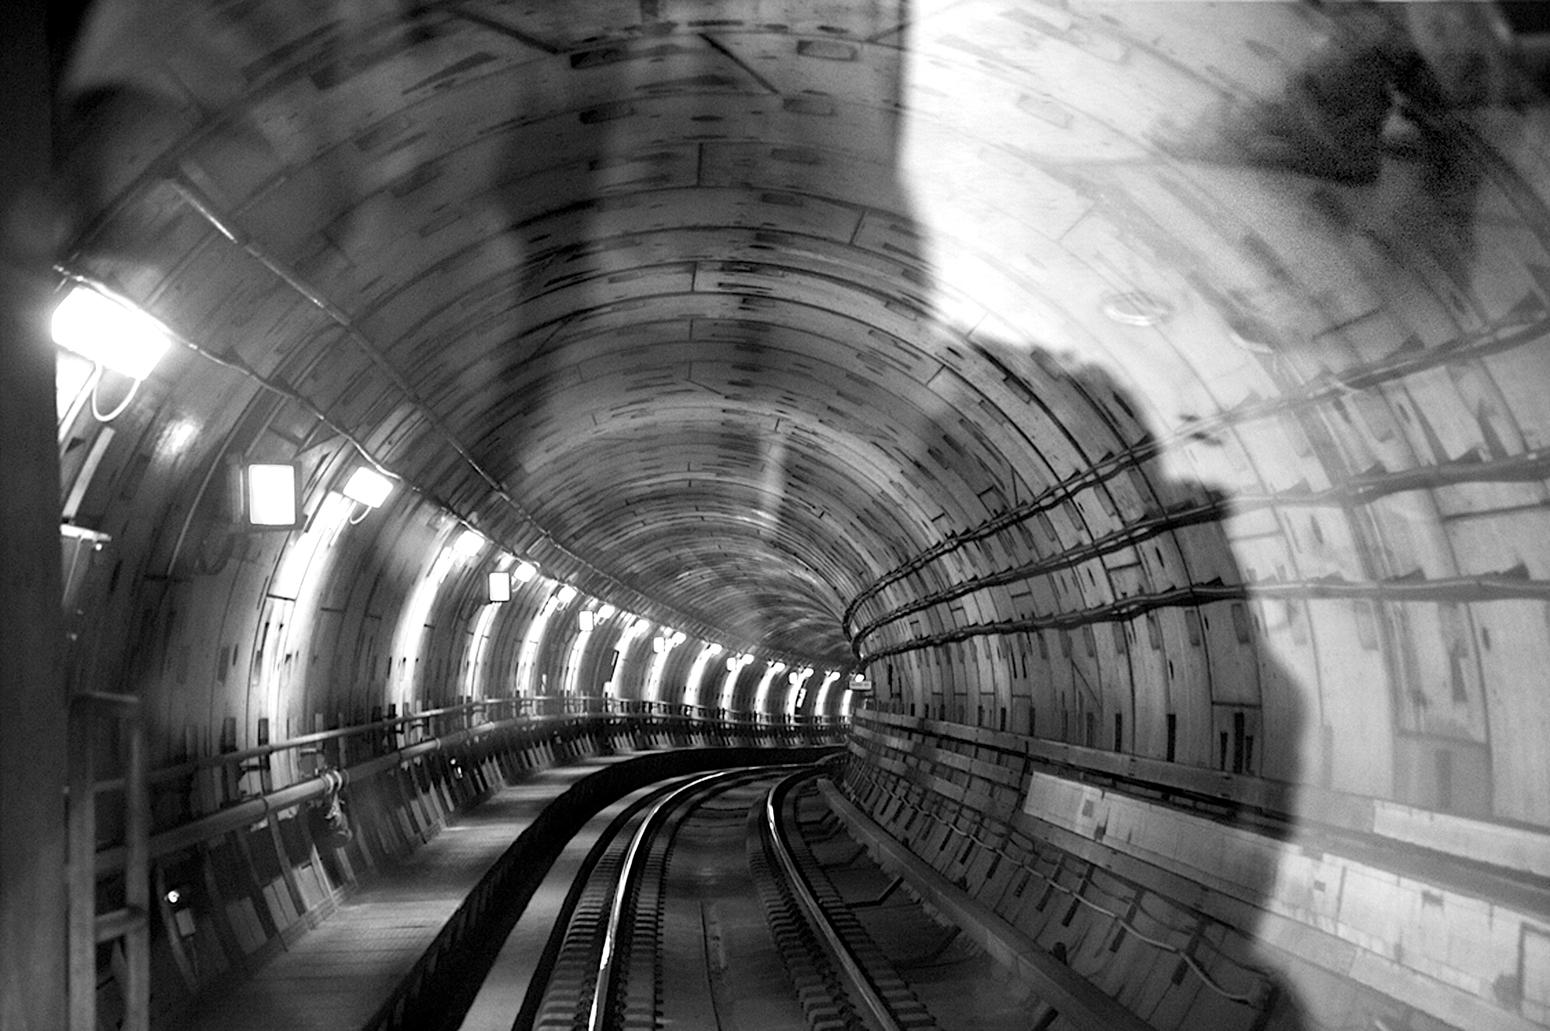 Copenhagen Under Ground in Black & White #1